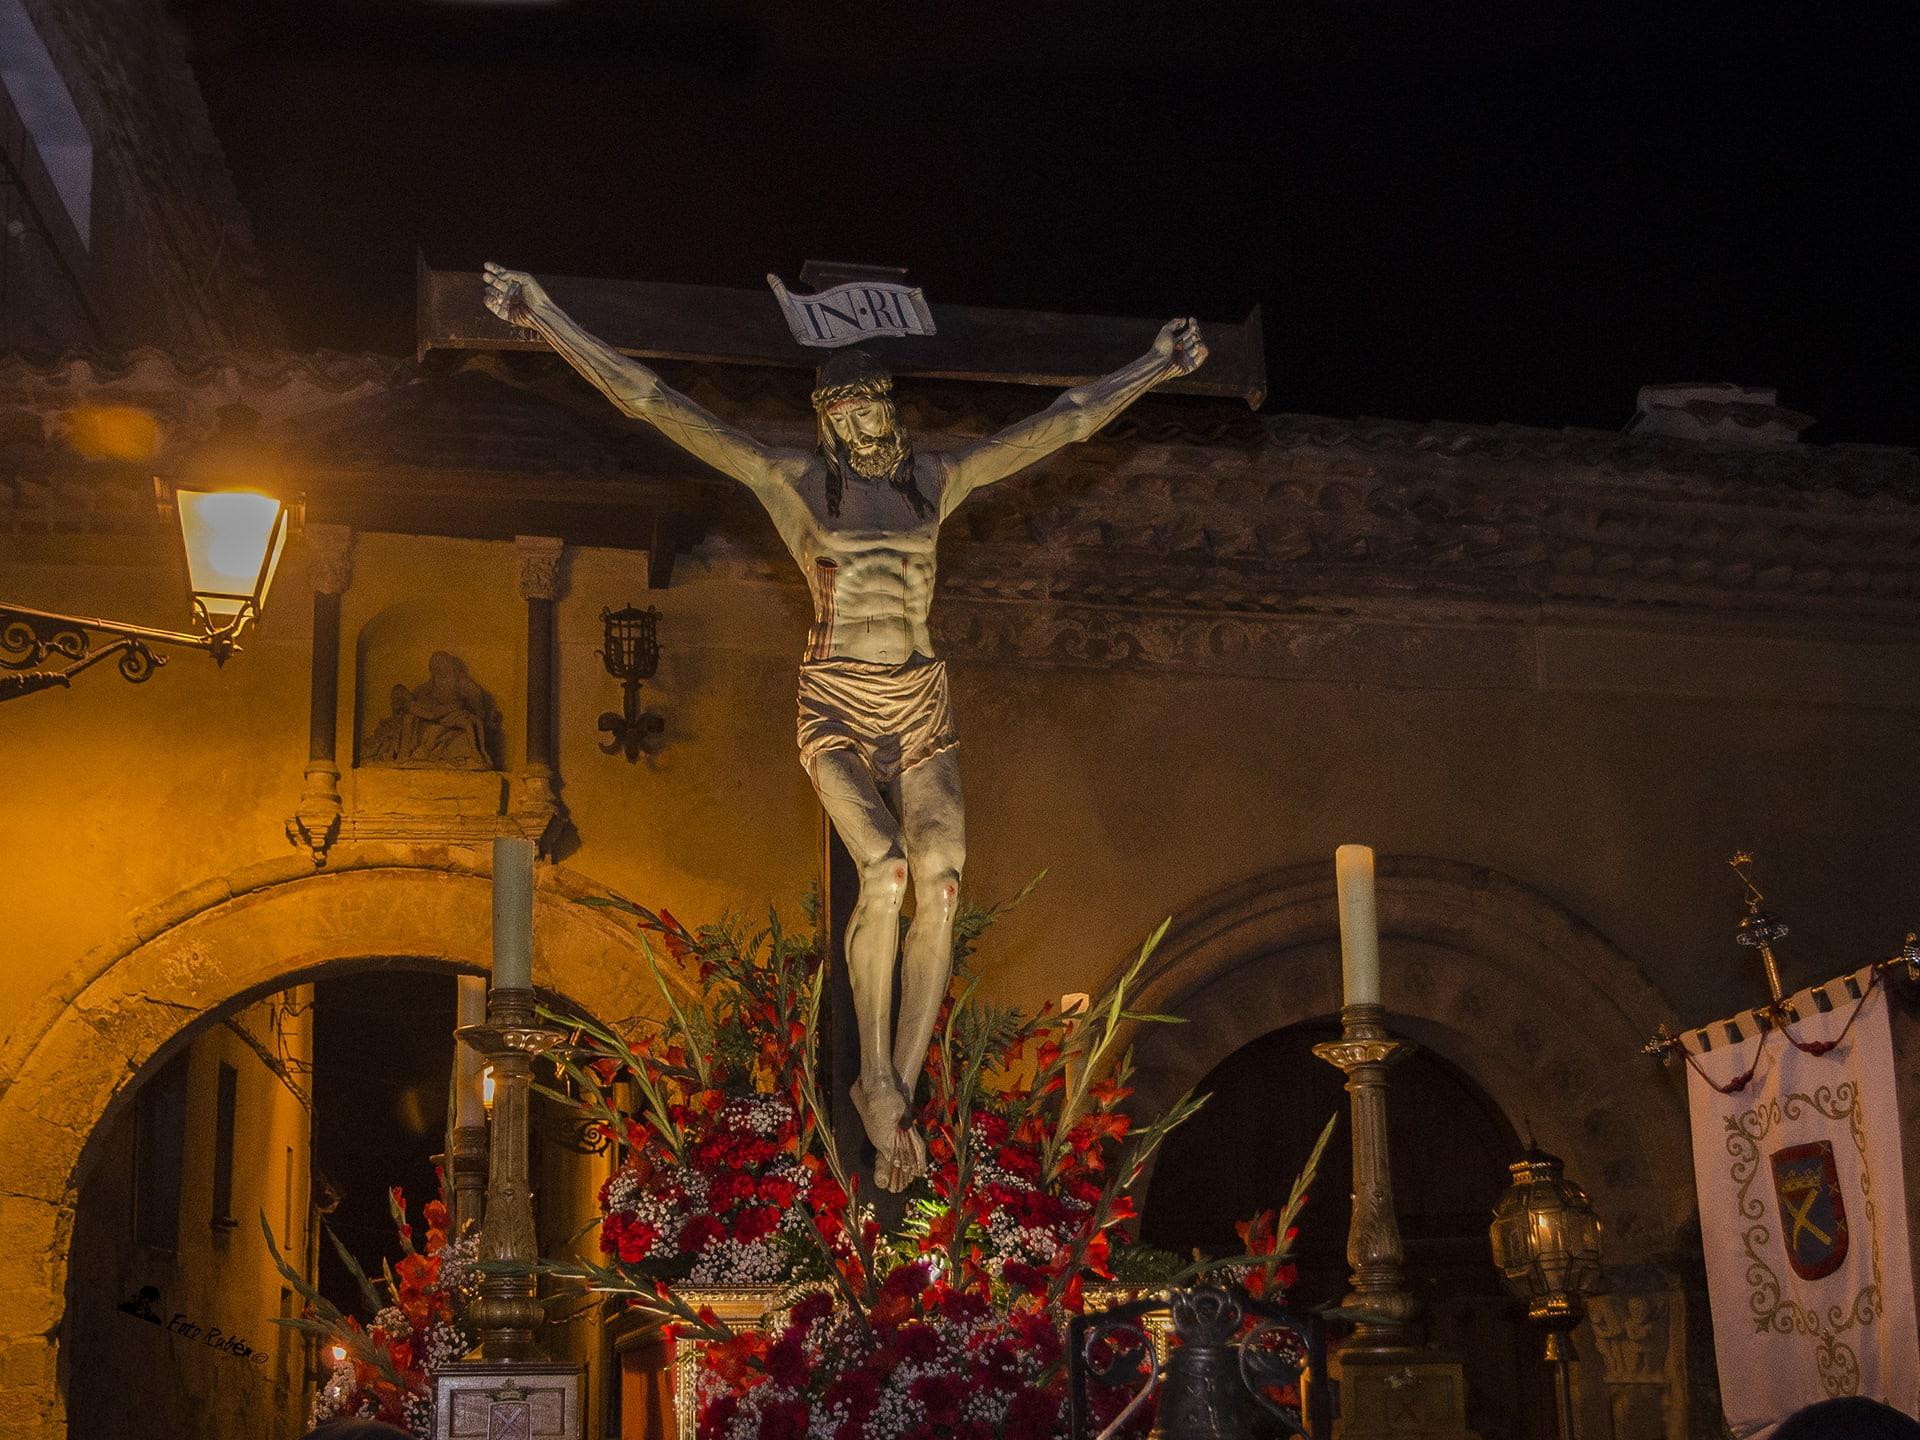 Santo Via Crucis y Procesión con la Imagen del Santo Cristo de la Paciencia, Segovia 5